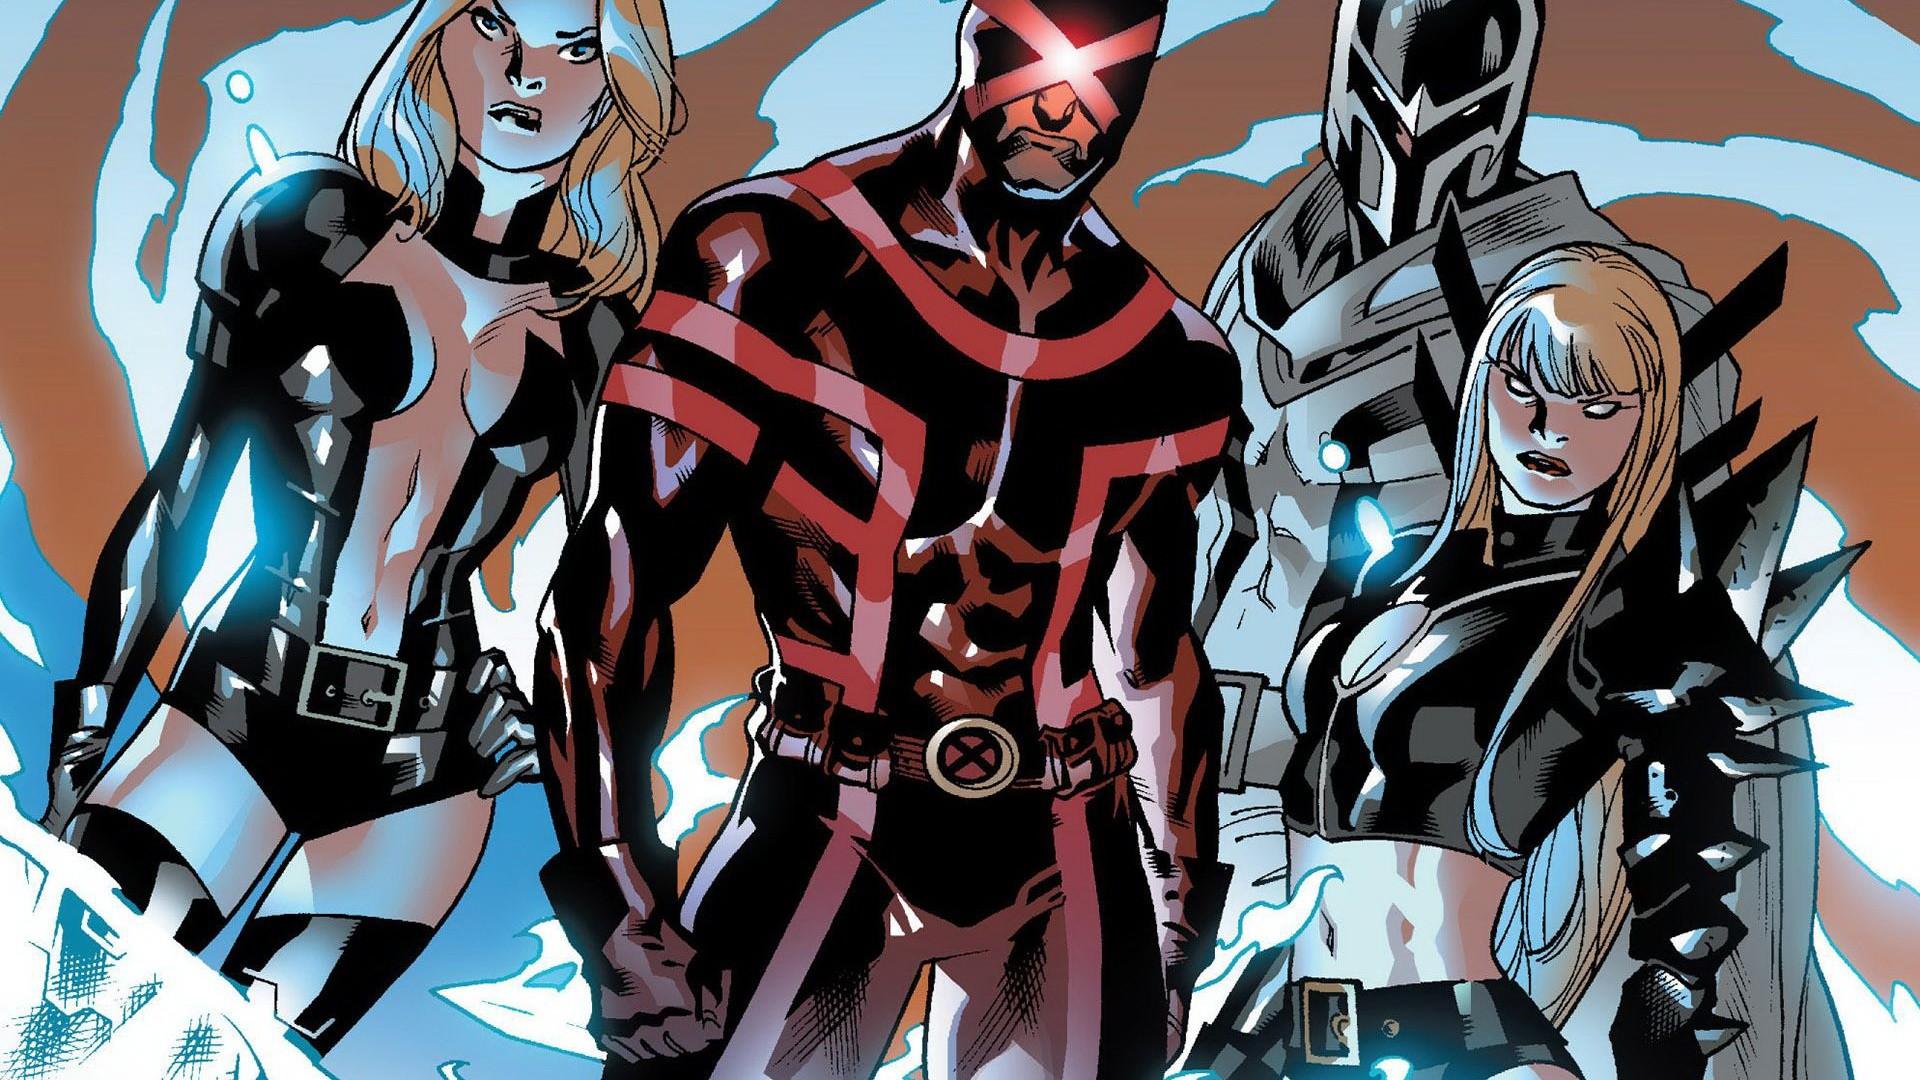 X Men Comic Wallpaper, PC X Men Comic Superb Pics (NMgnCP com)